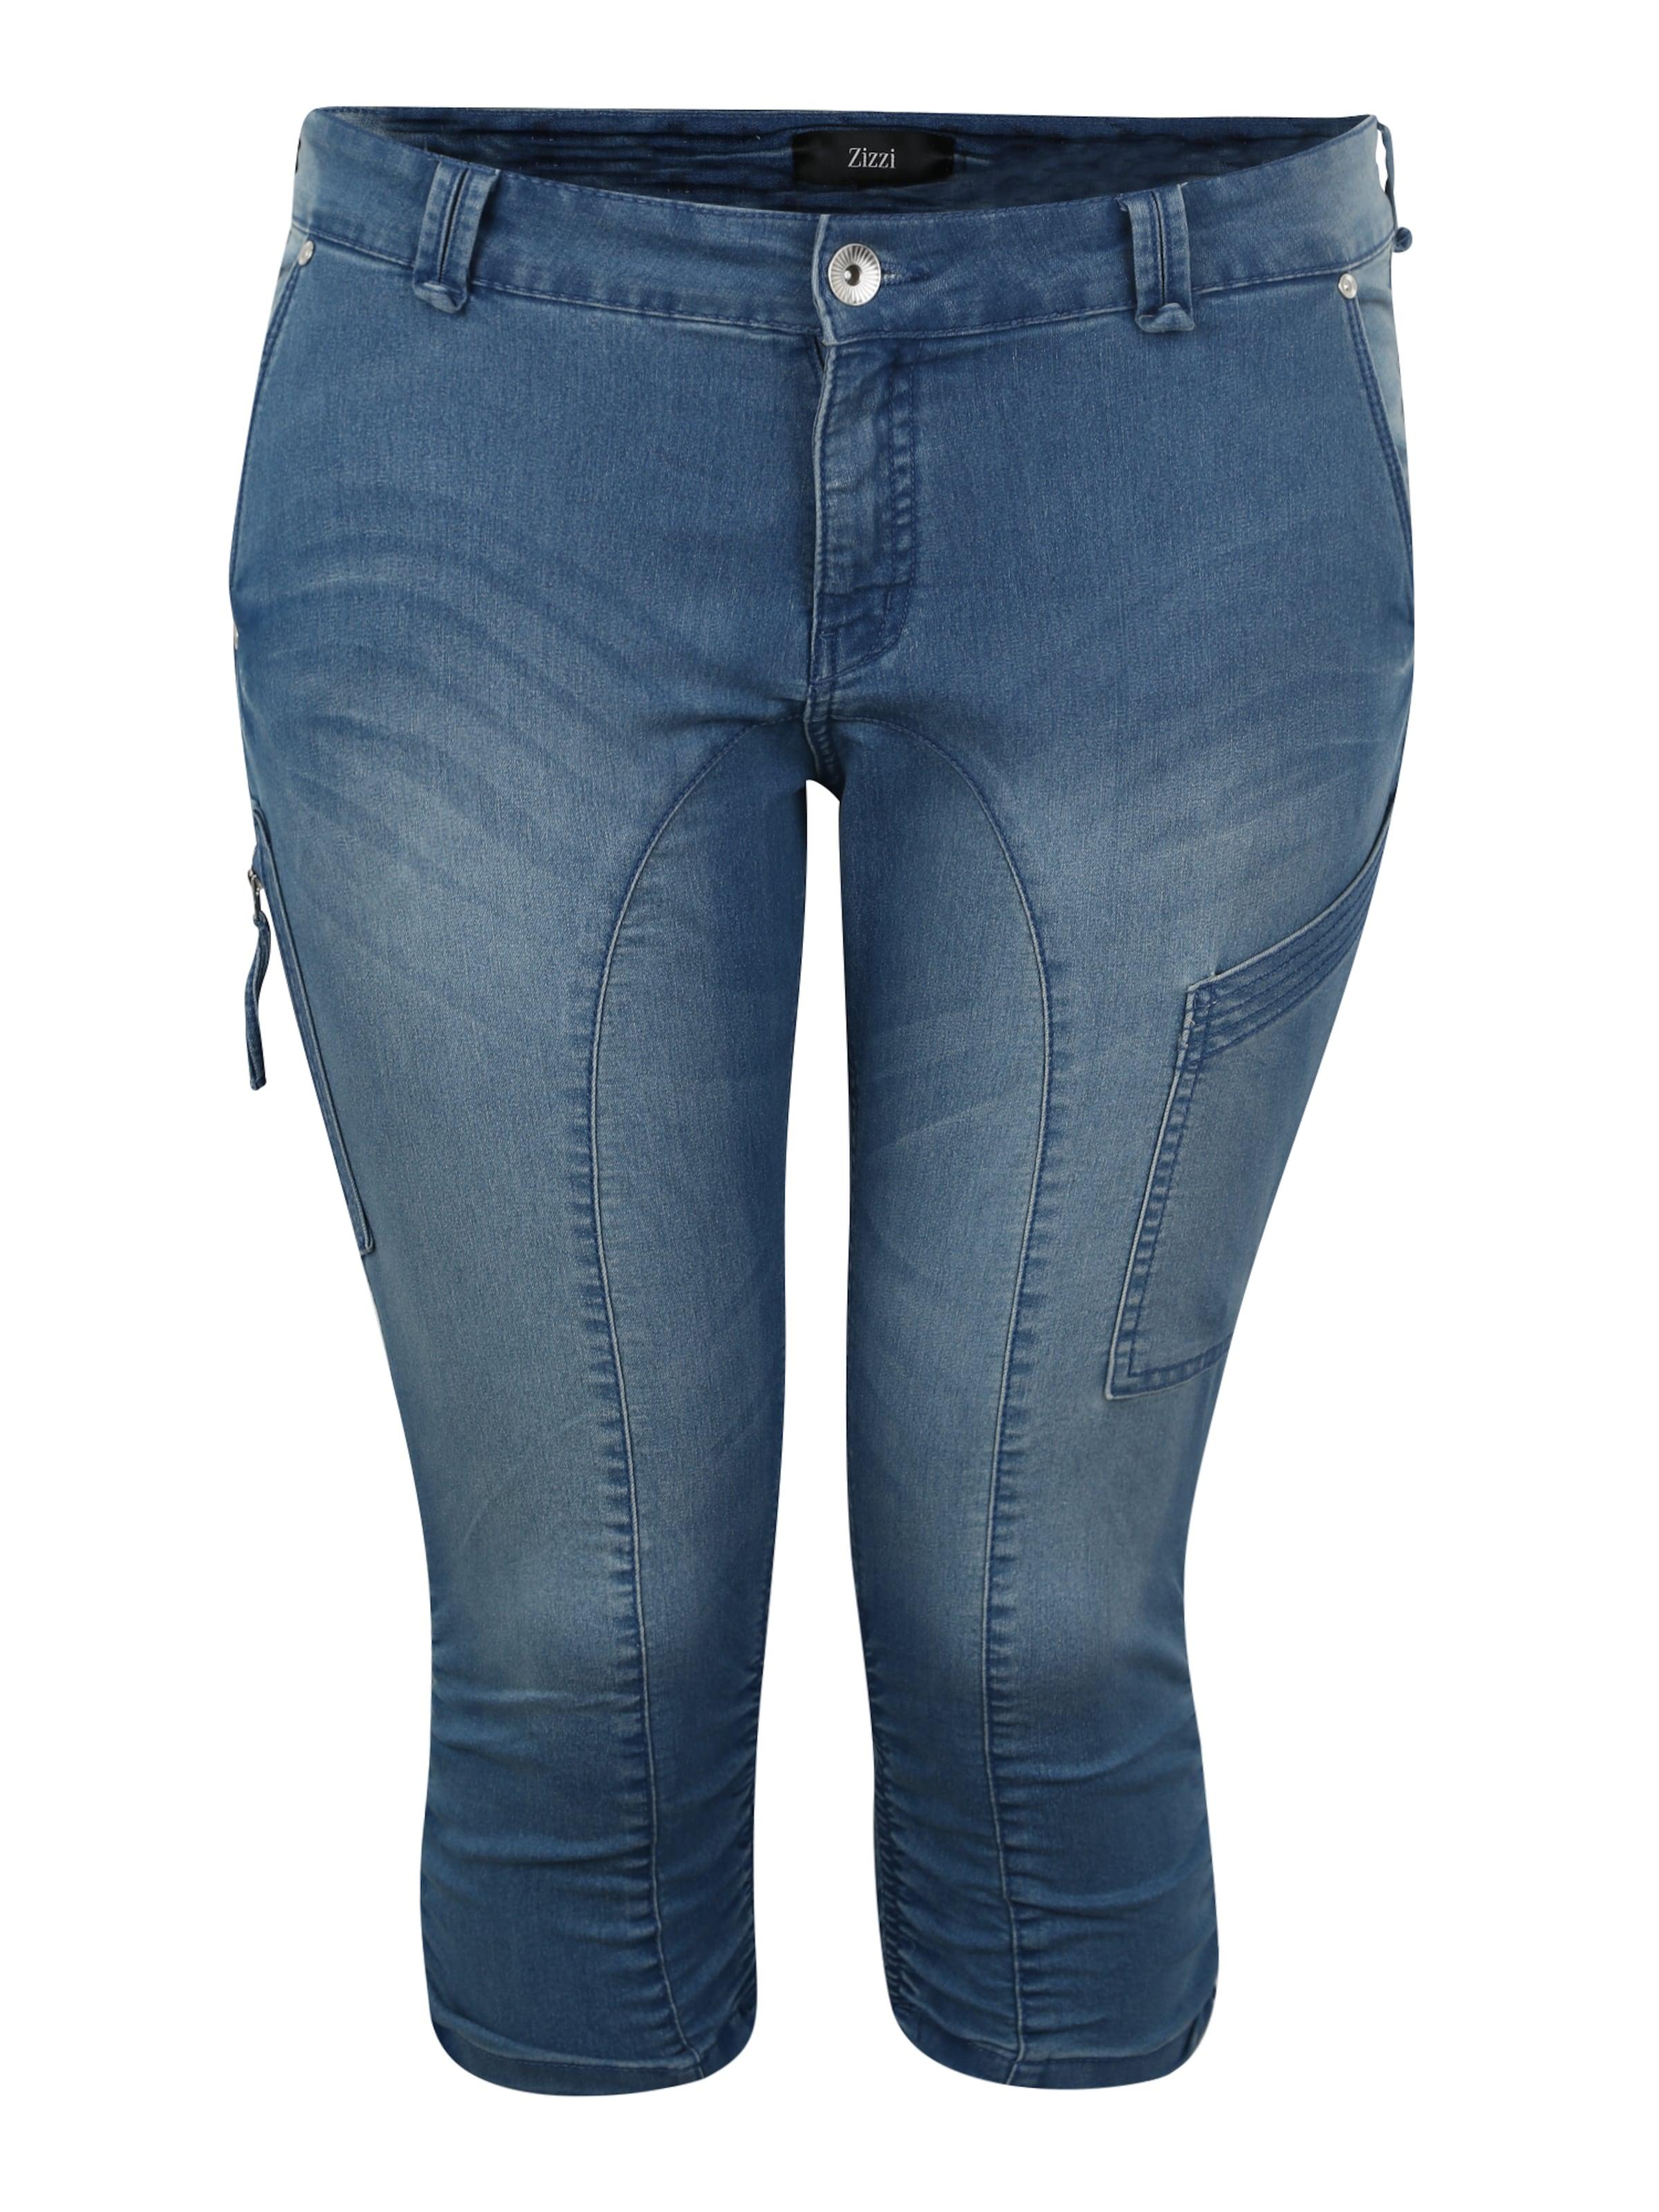 Denim Pantalon Zizzi En Pantalon Bleu Denim Zizzi En Zizzi Bleu Pantalon BroxedQCW